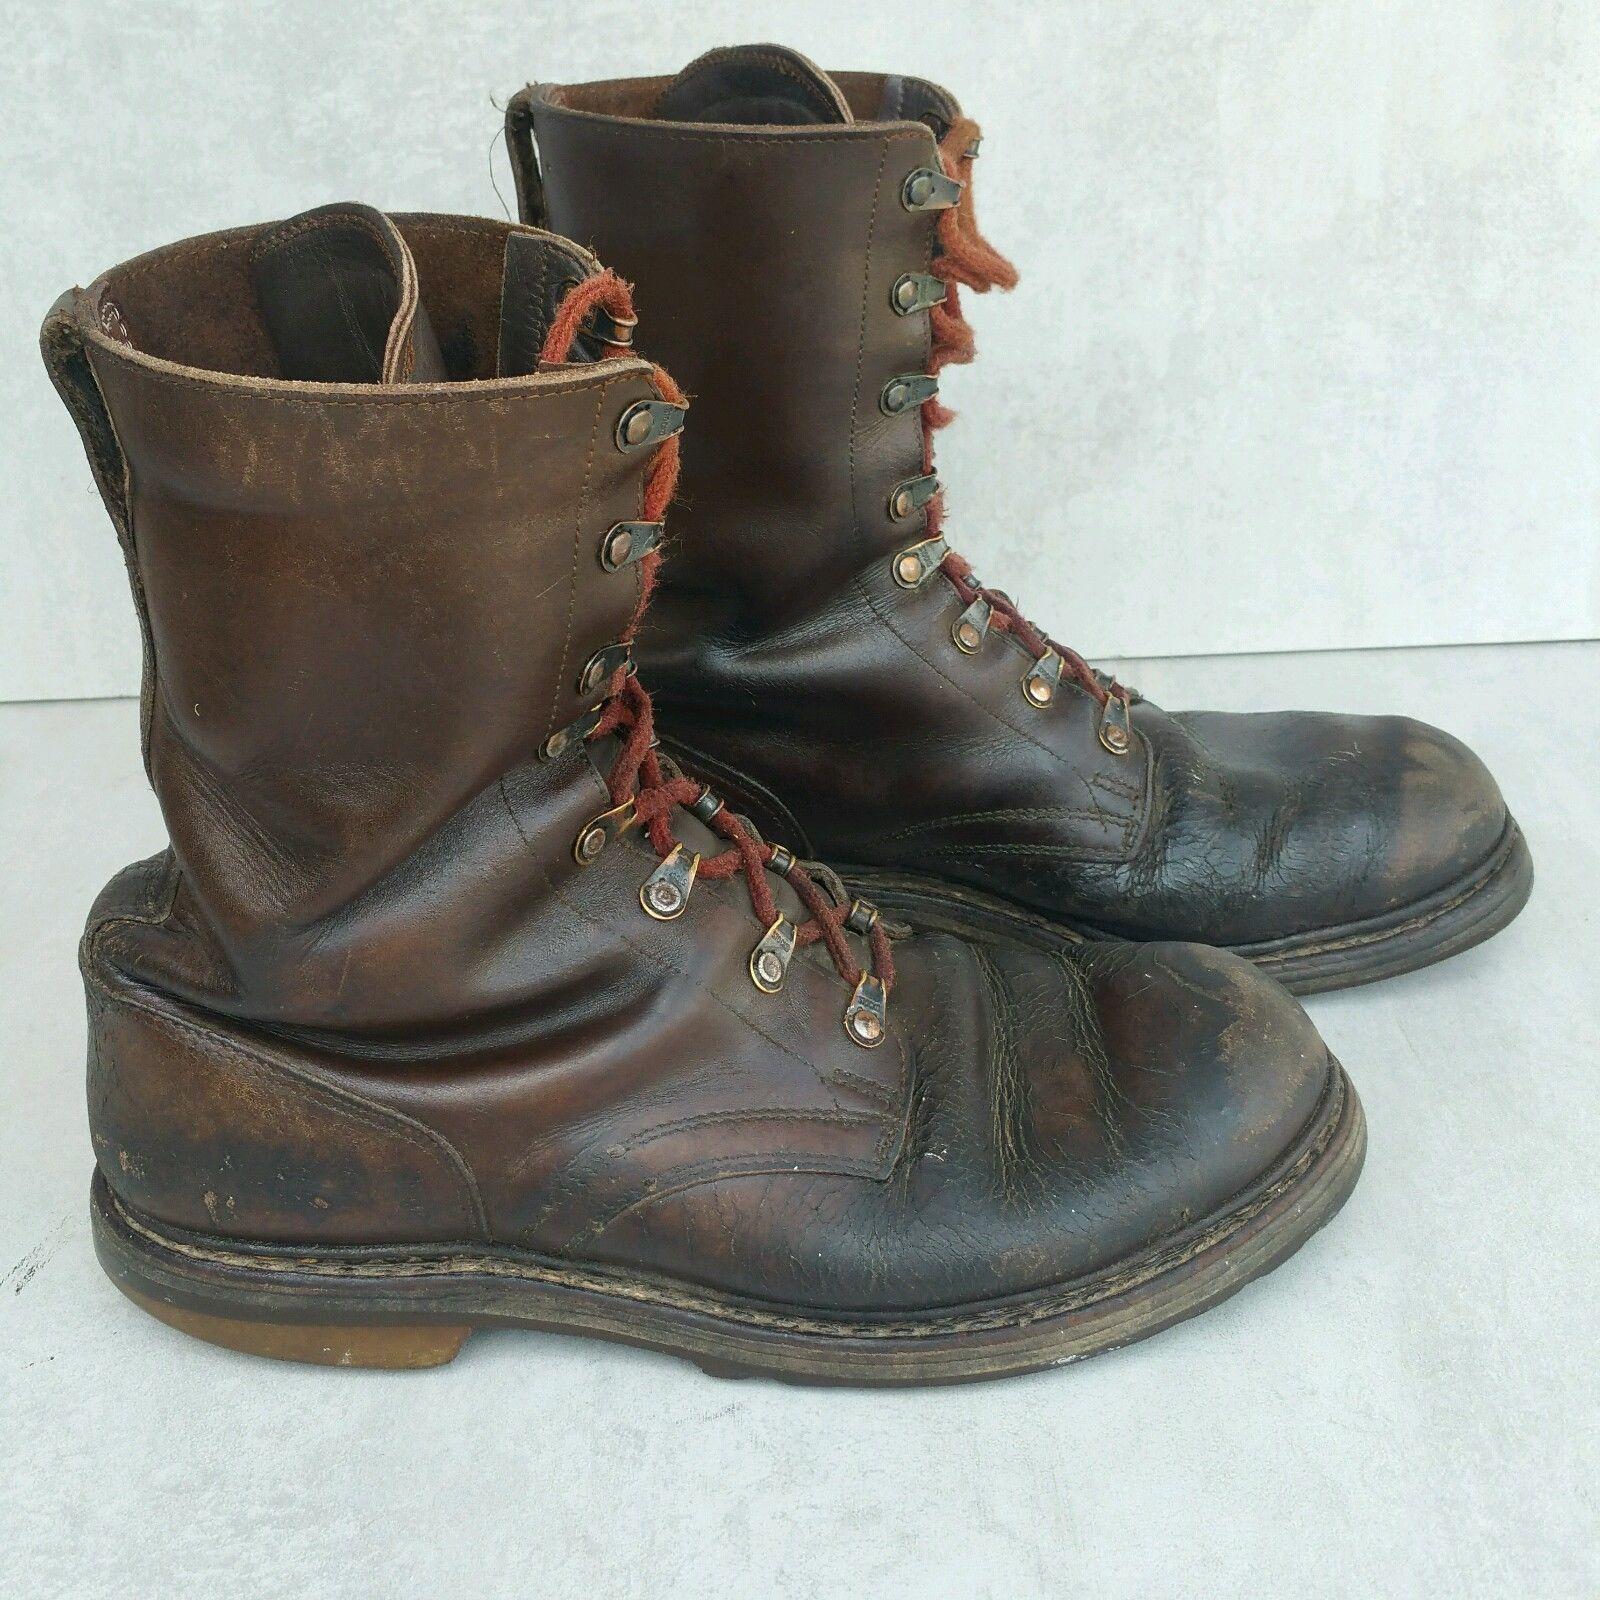 1d2939722ec65 Pielęgnacja /pastowanie/ tych butów wojskowych, dozwolone było tylko  brązową pastą dostarczaną przez Bundeswehr, jednak później zaczęto pastować  je czarną ...